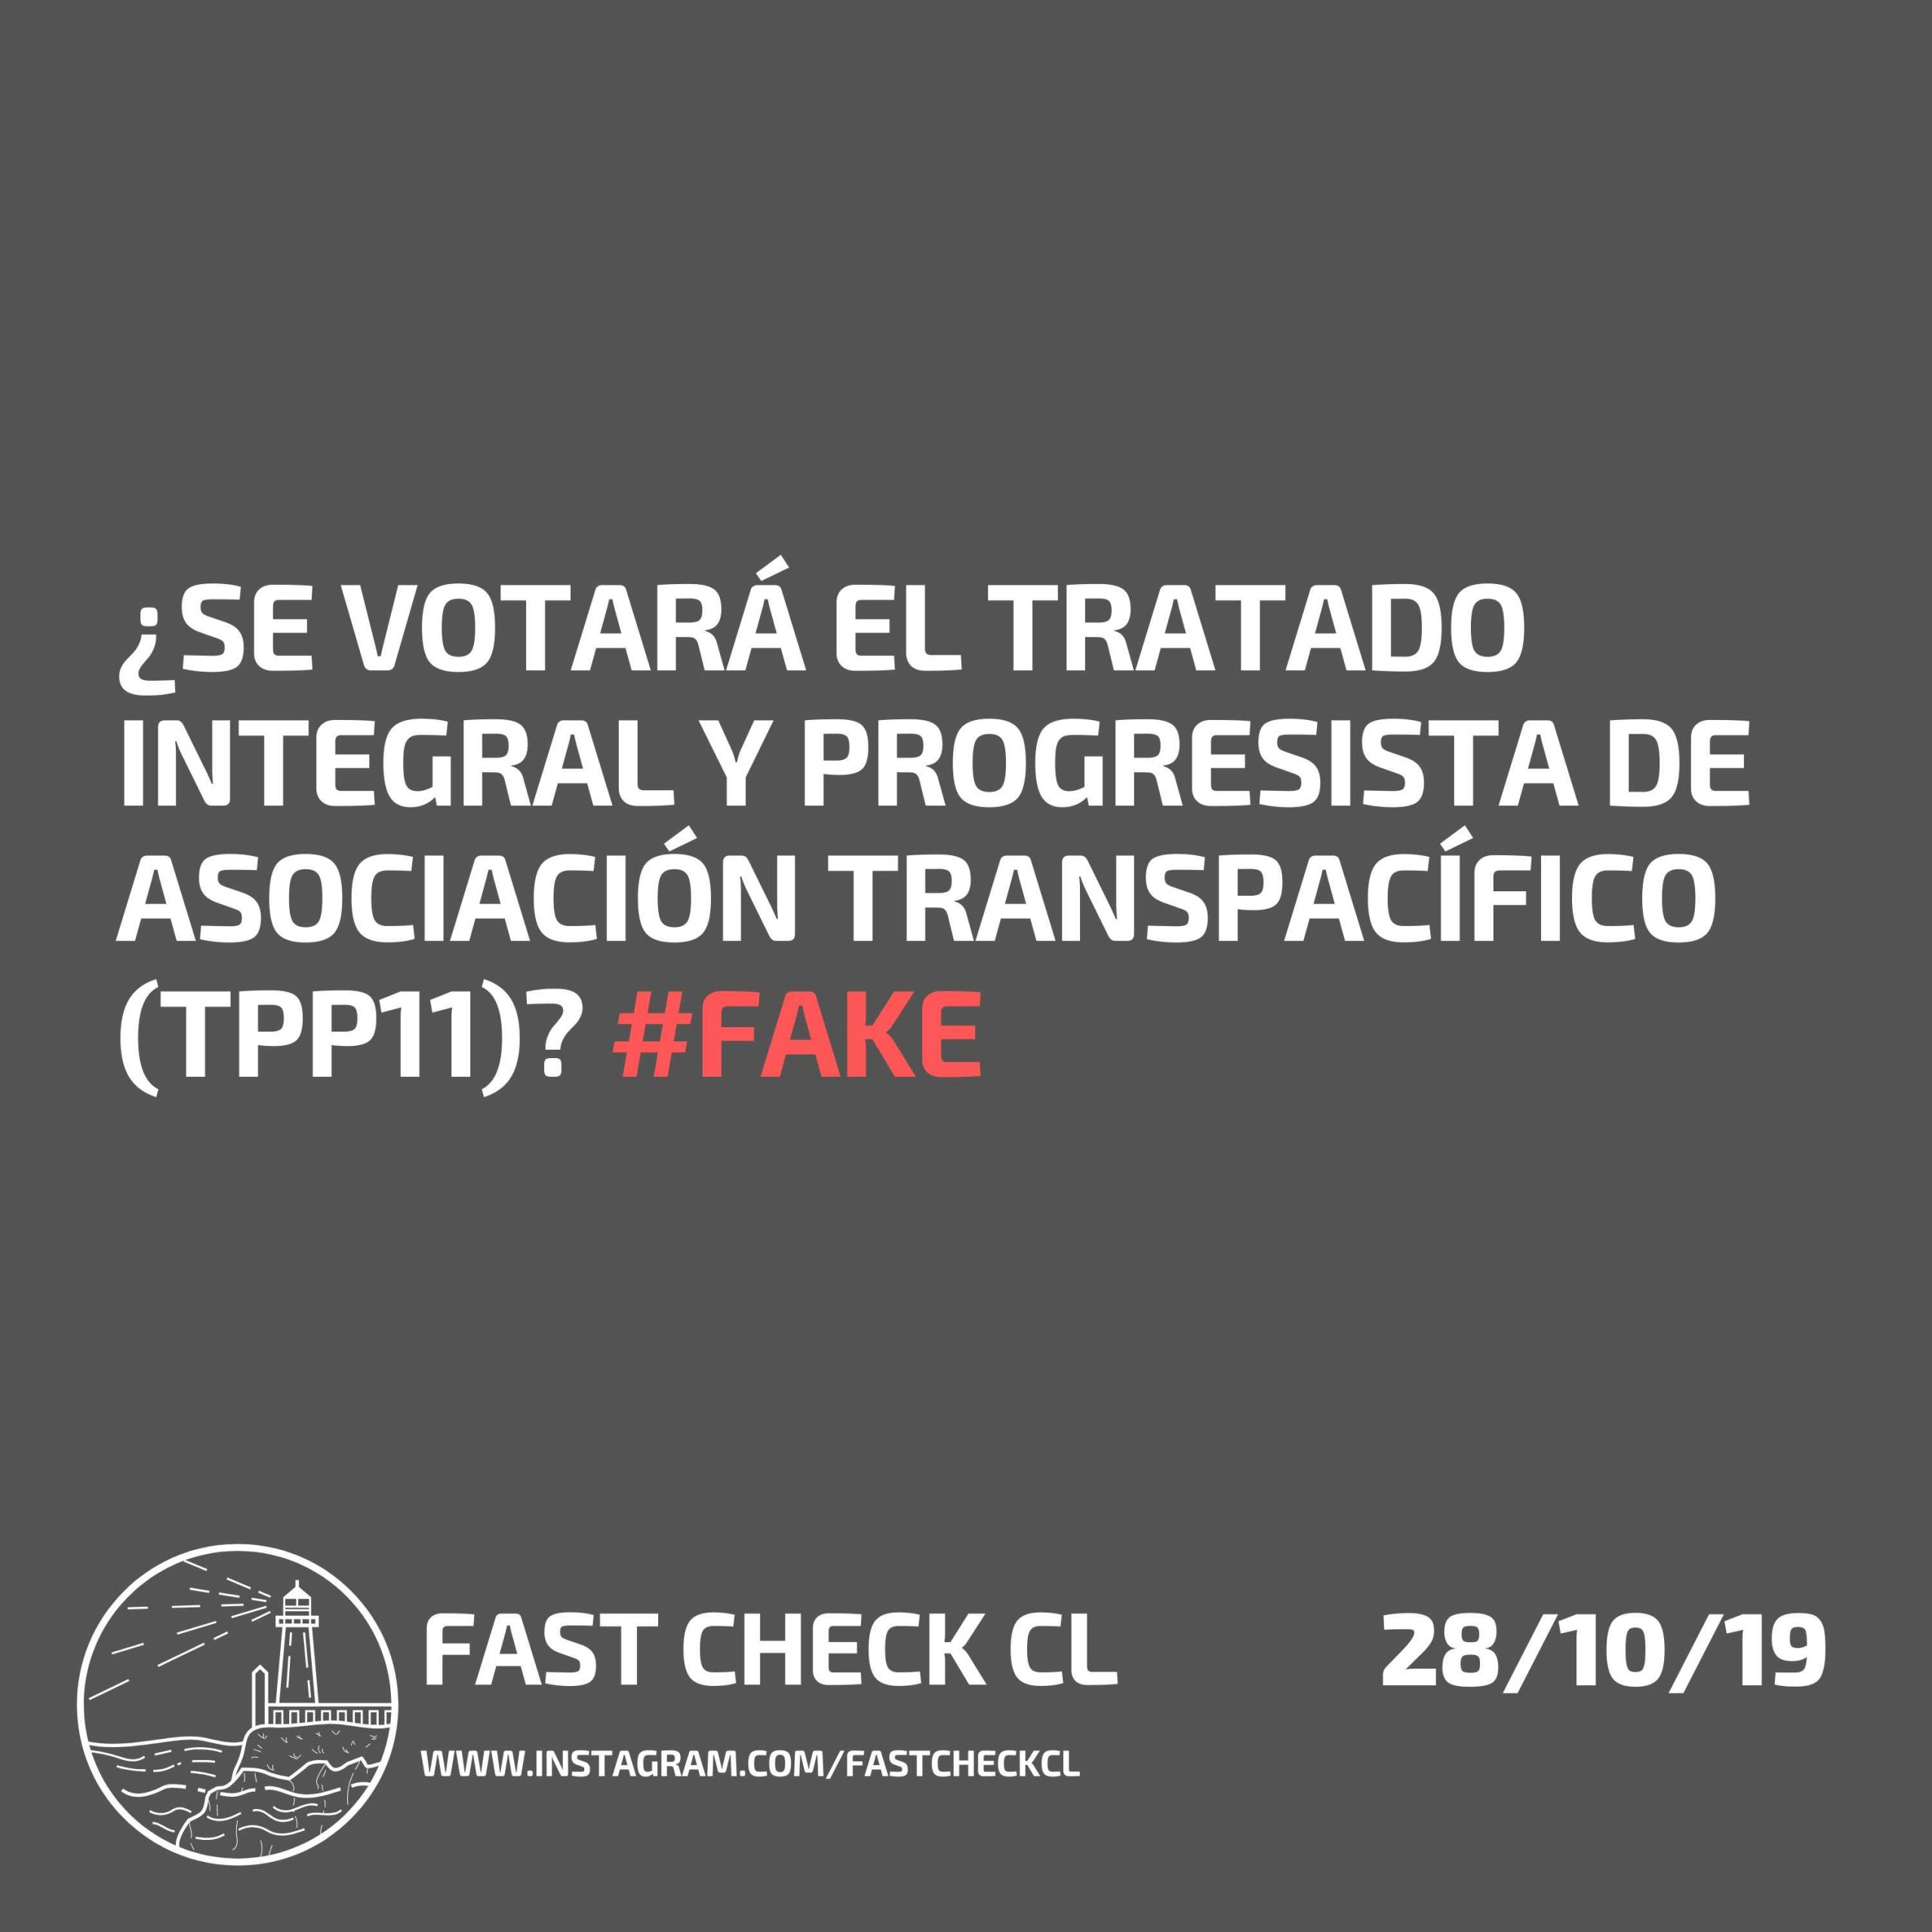 ¿Se votará el Tratado Integral y Progresista de Asociación Transpacífico (TPP11)? #FAKE